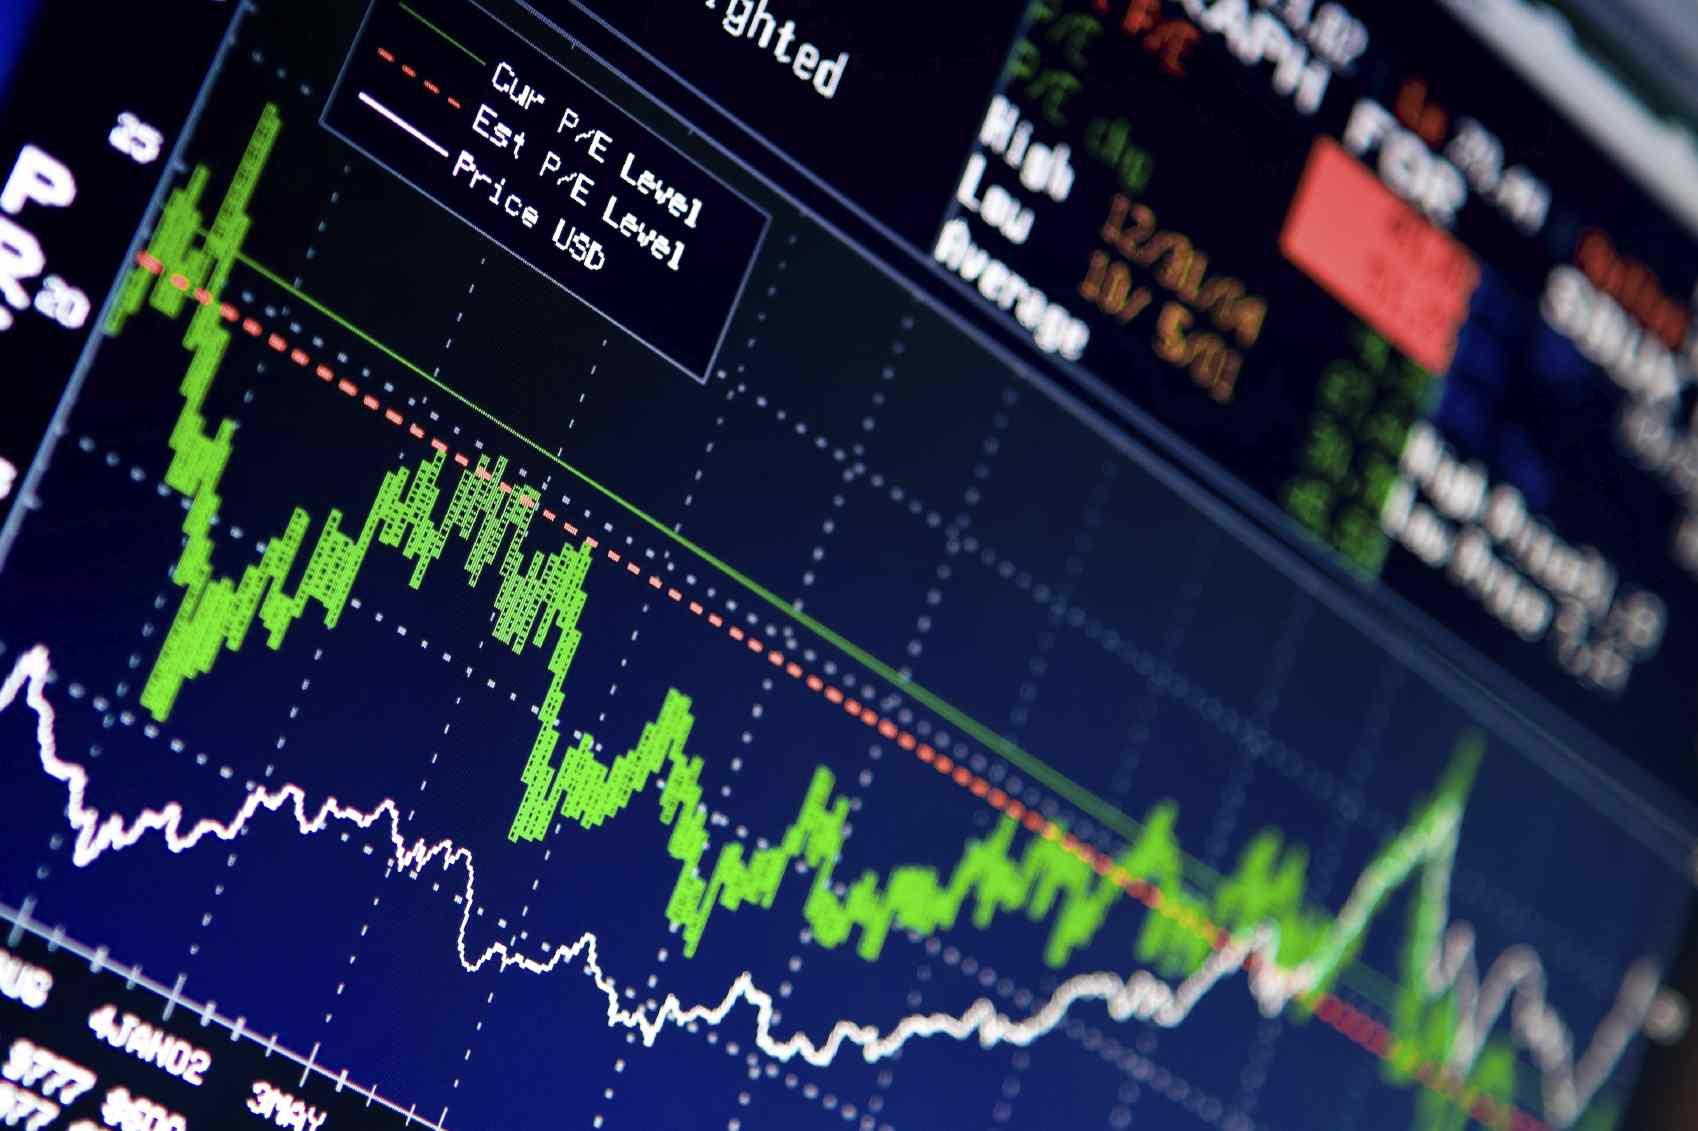 Directorul Bursei de la Varşovia speră ca fuziunea cu Bursa de la Viena să aibă loc în 2014